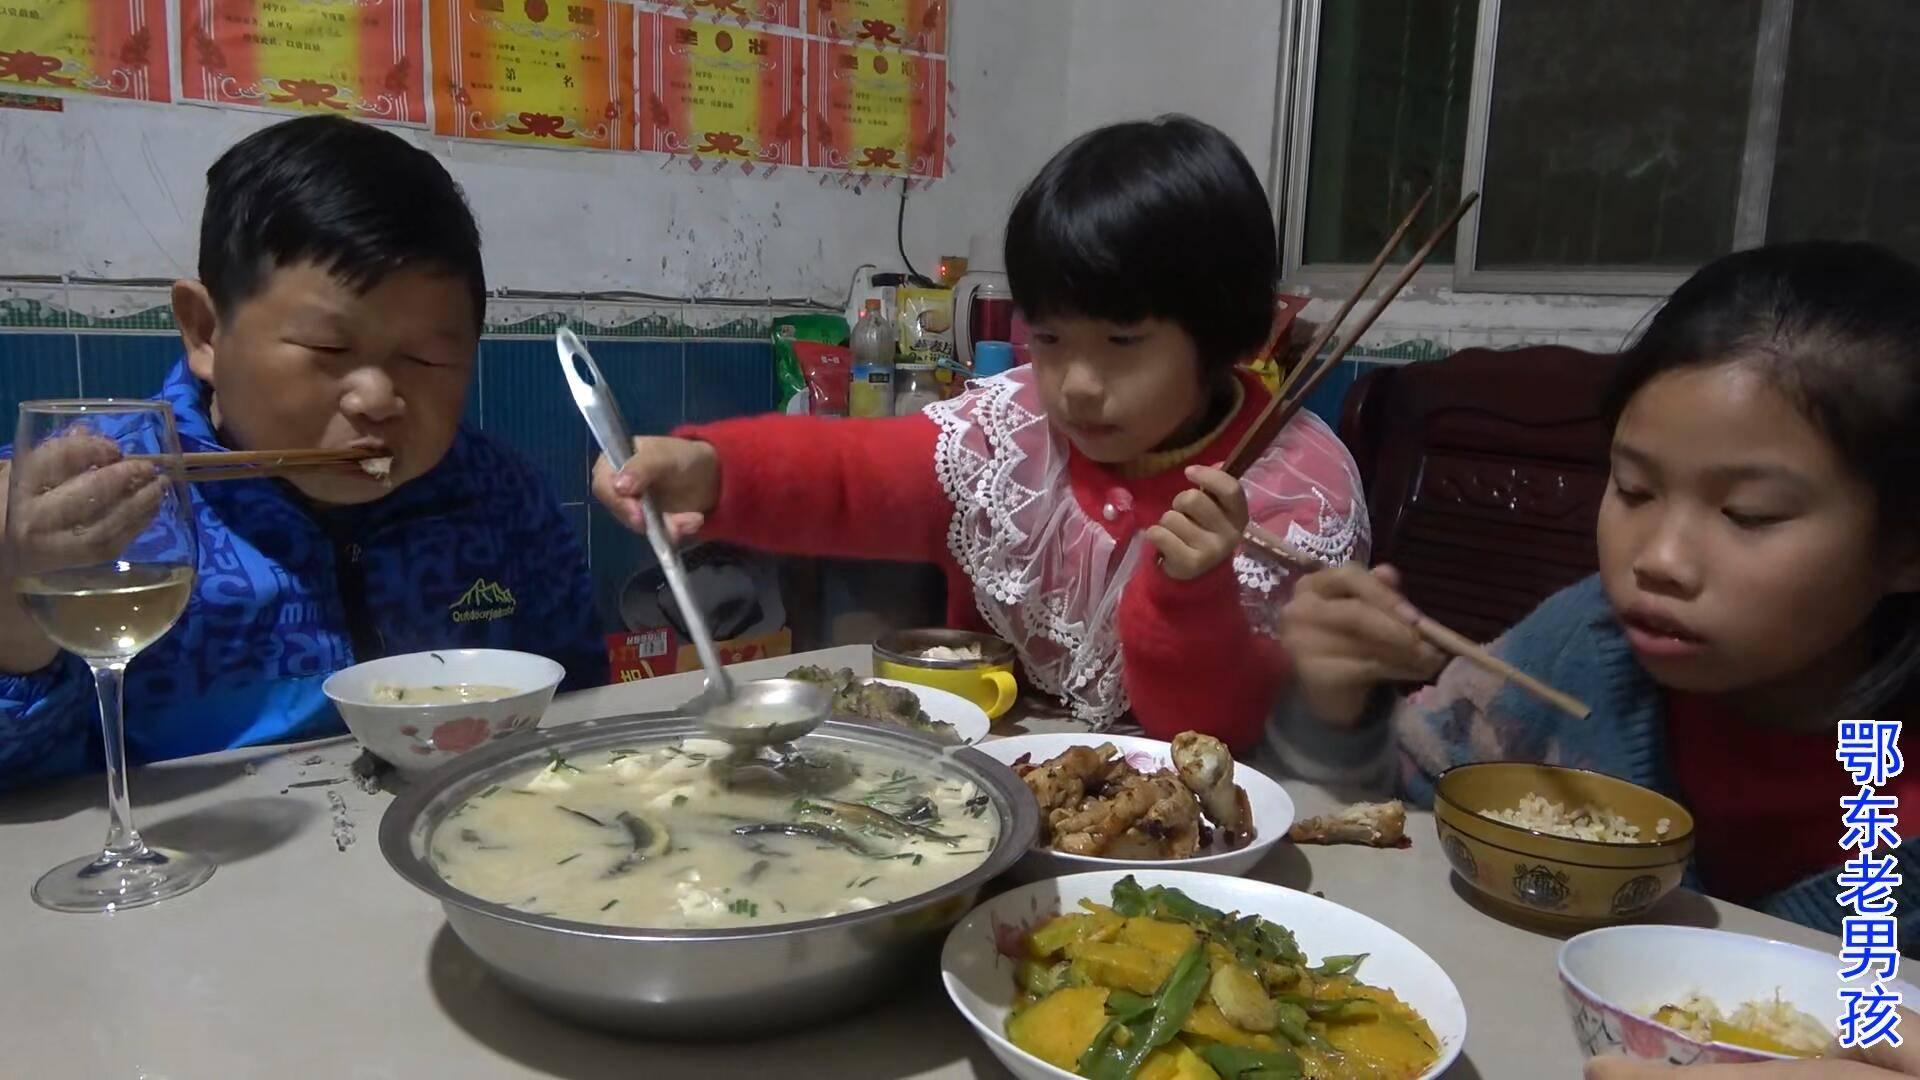 老男孩把抓回的泥鳅分类,小的放生大的炖豆腐,侄女都觉得好吃